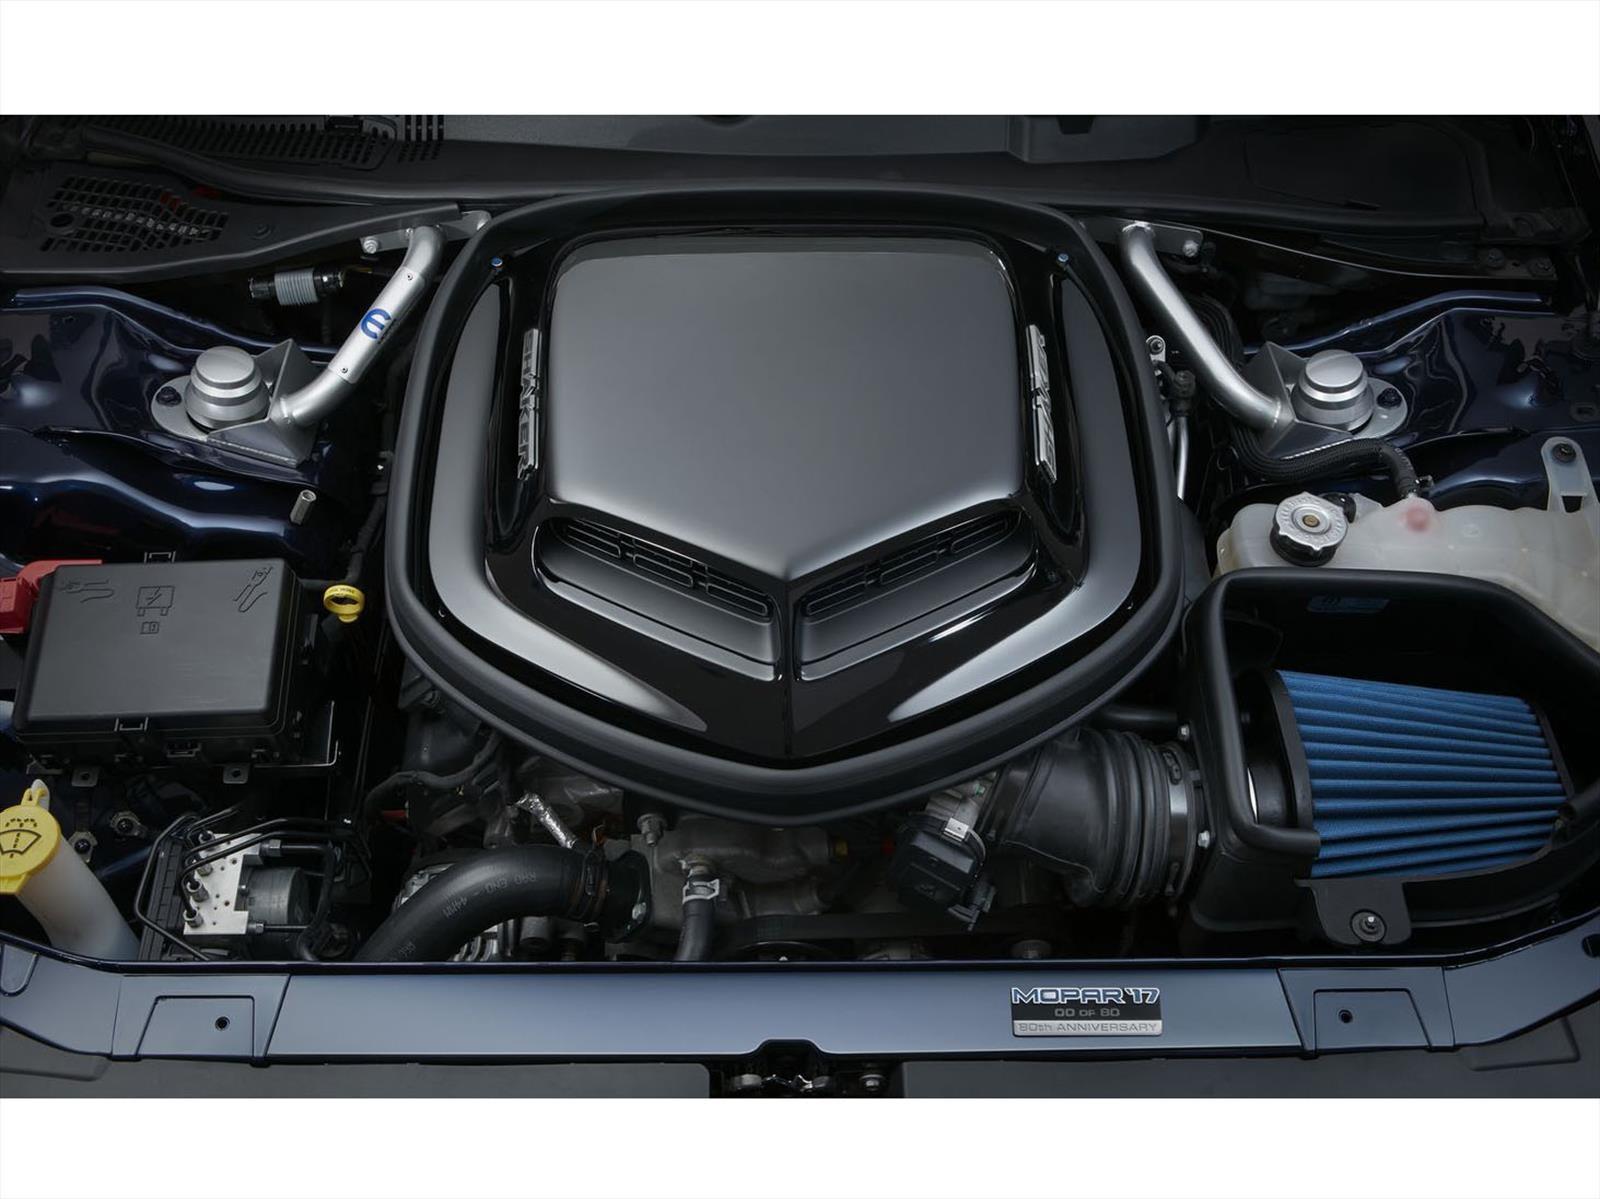 Mopar Dodge Challenger 2017, celebrando el 80 aniversario